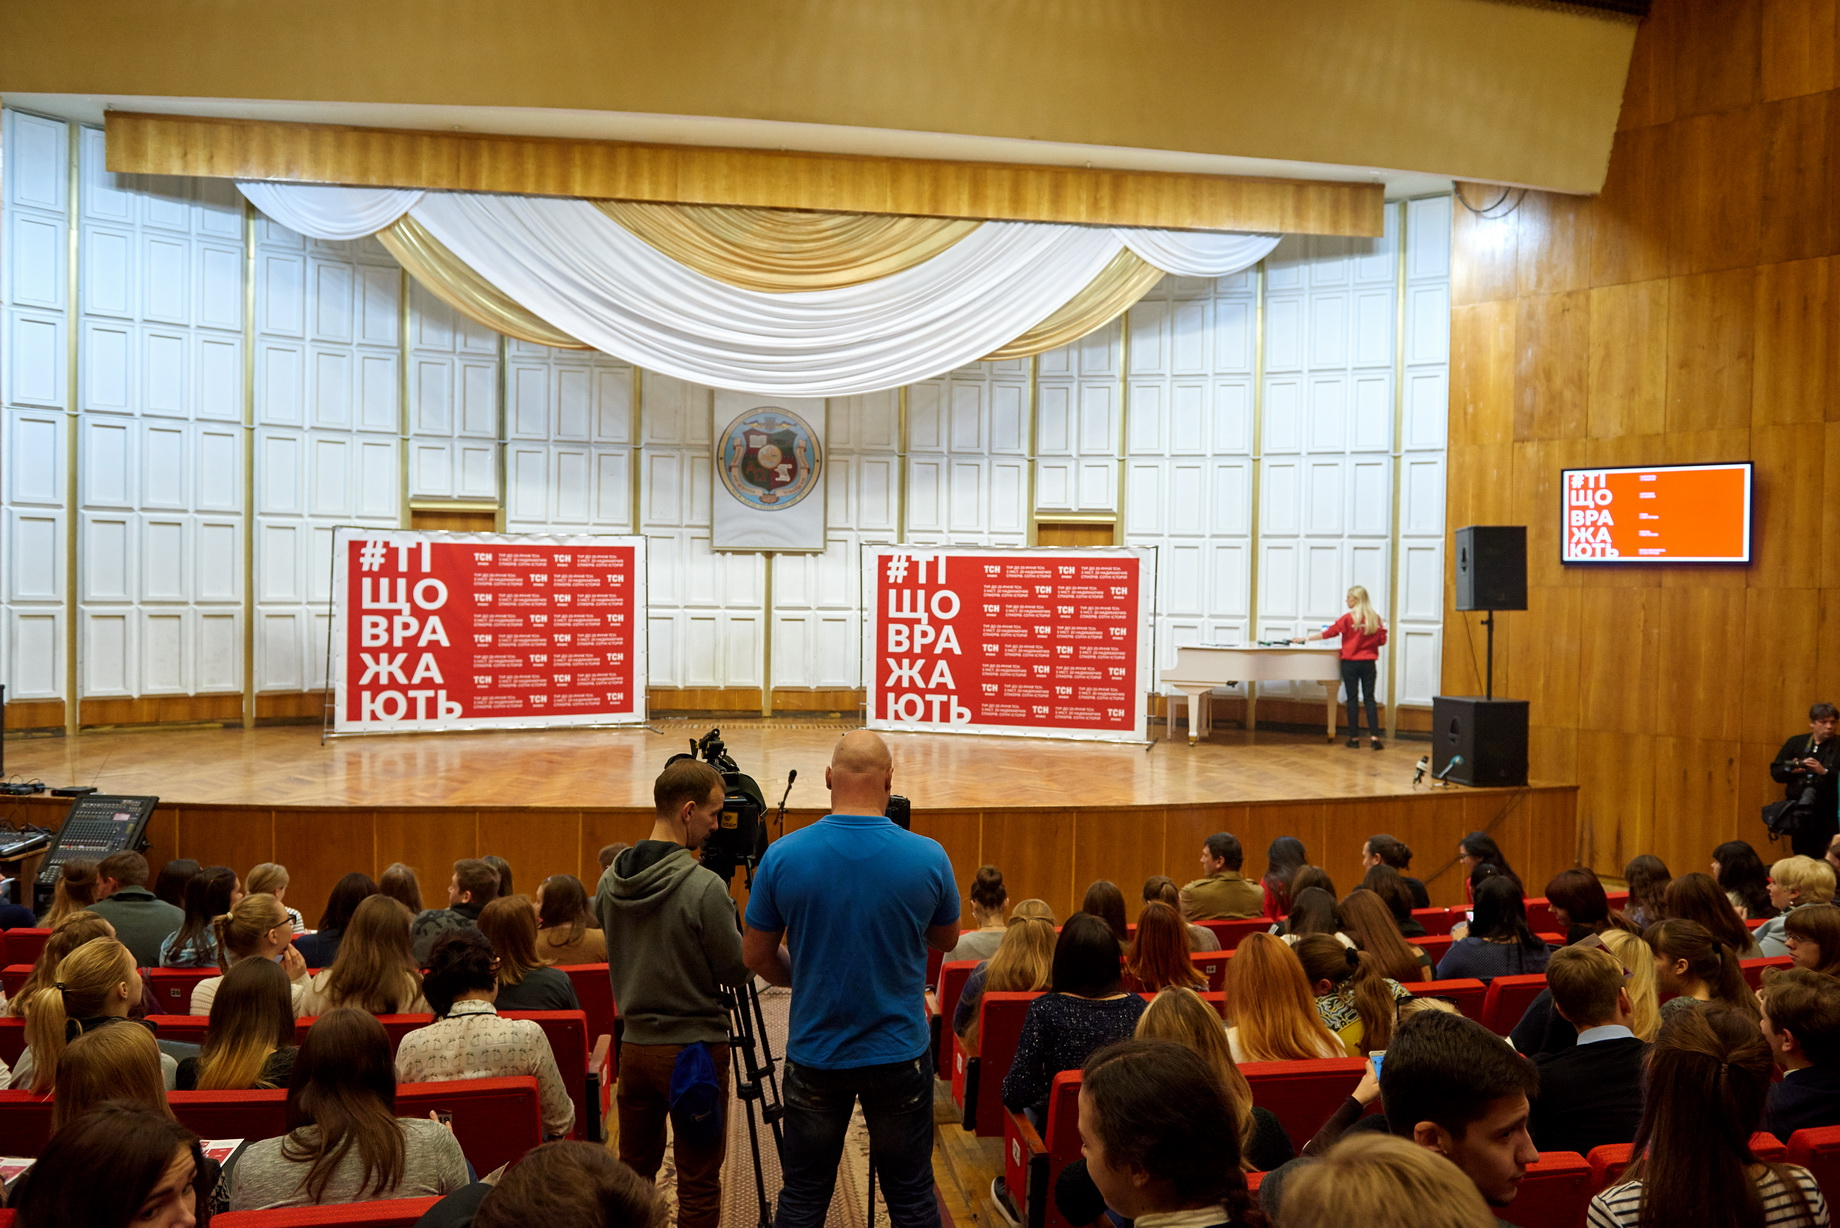 """""""Ті, що вражають"""": в Україні поширюється флешмоб про надихаючих людей - фото 1"""